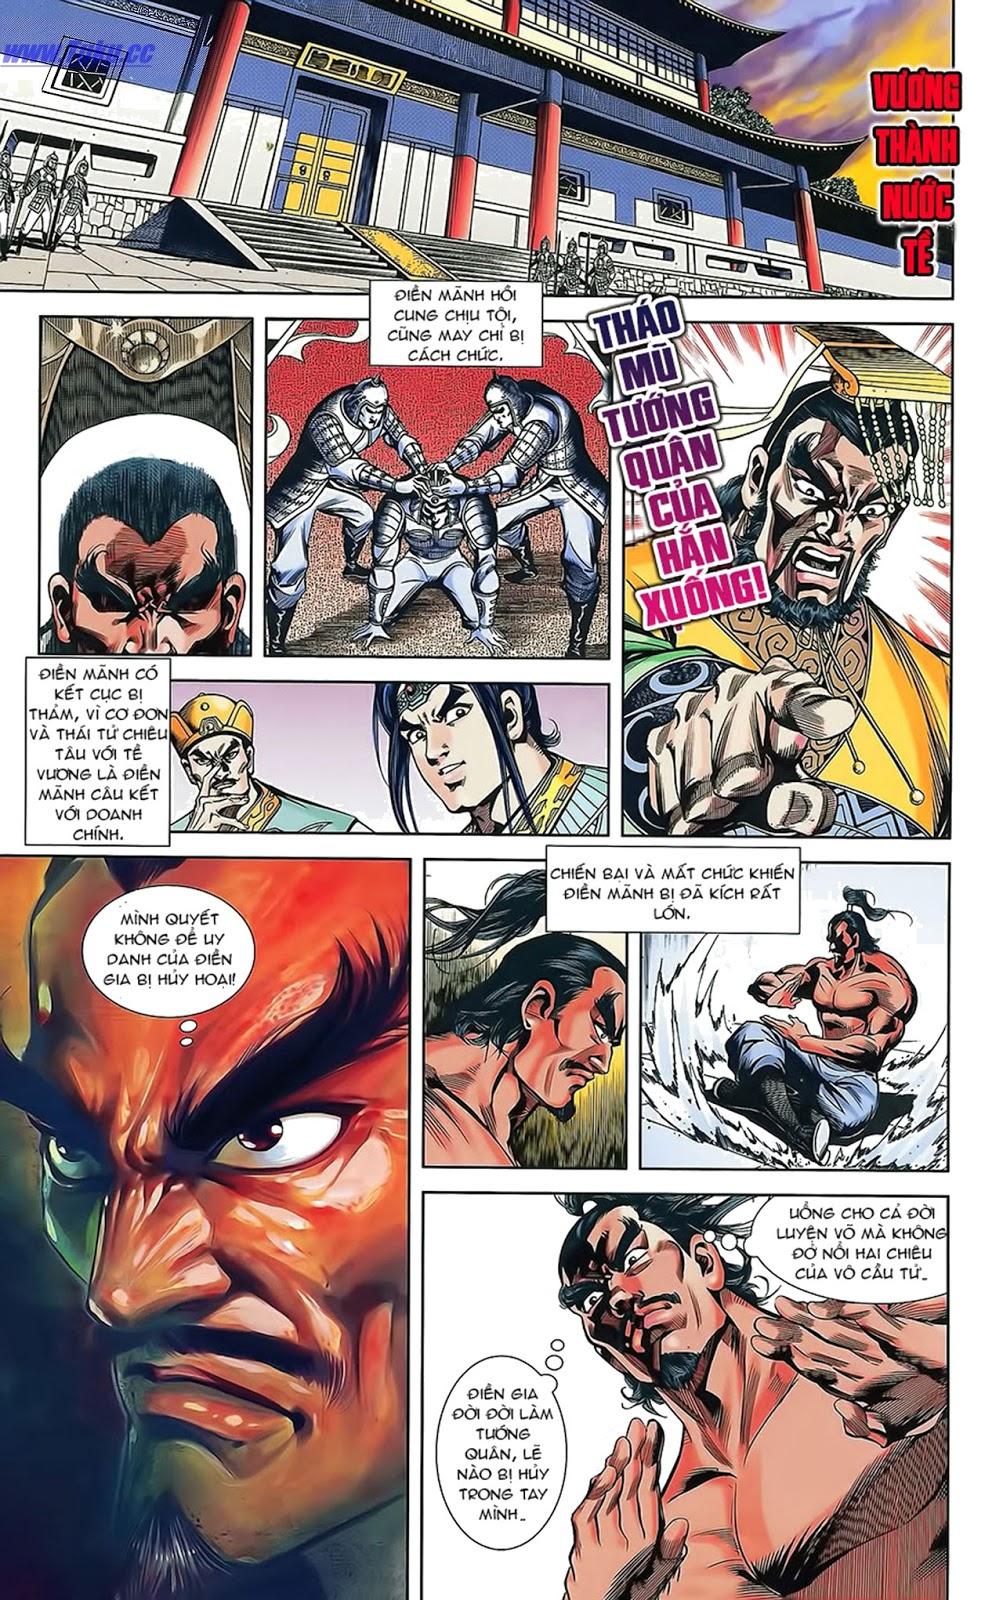 Tần Vương Doanh Chính chapter 15 trang 4